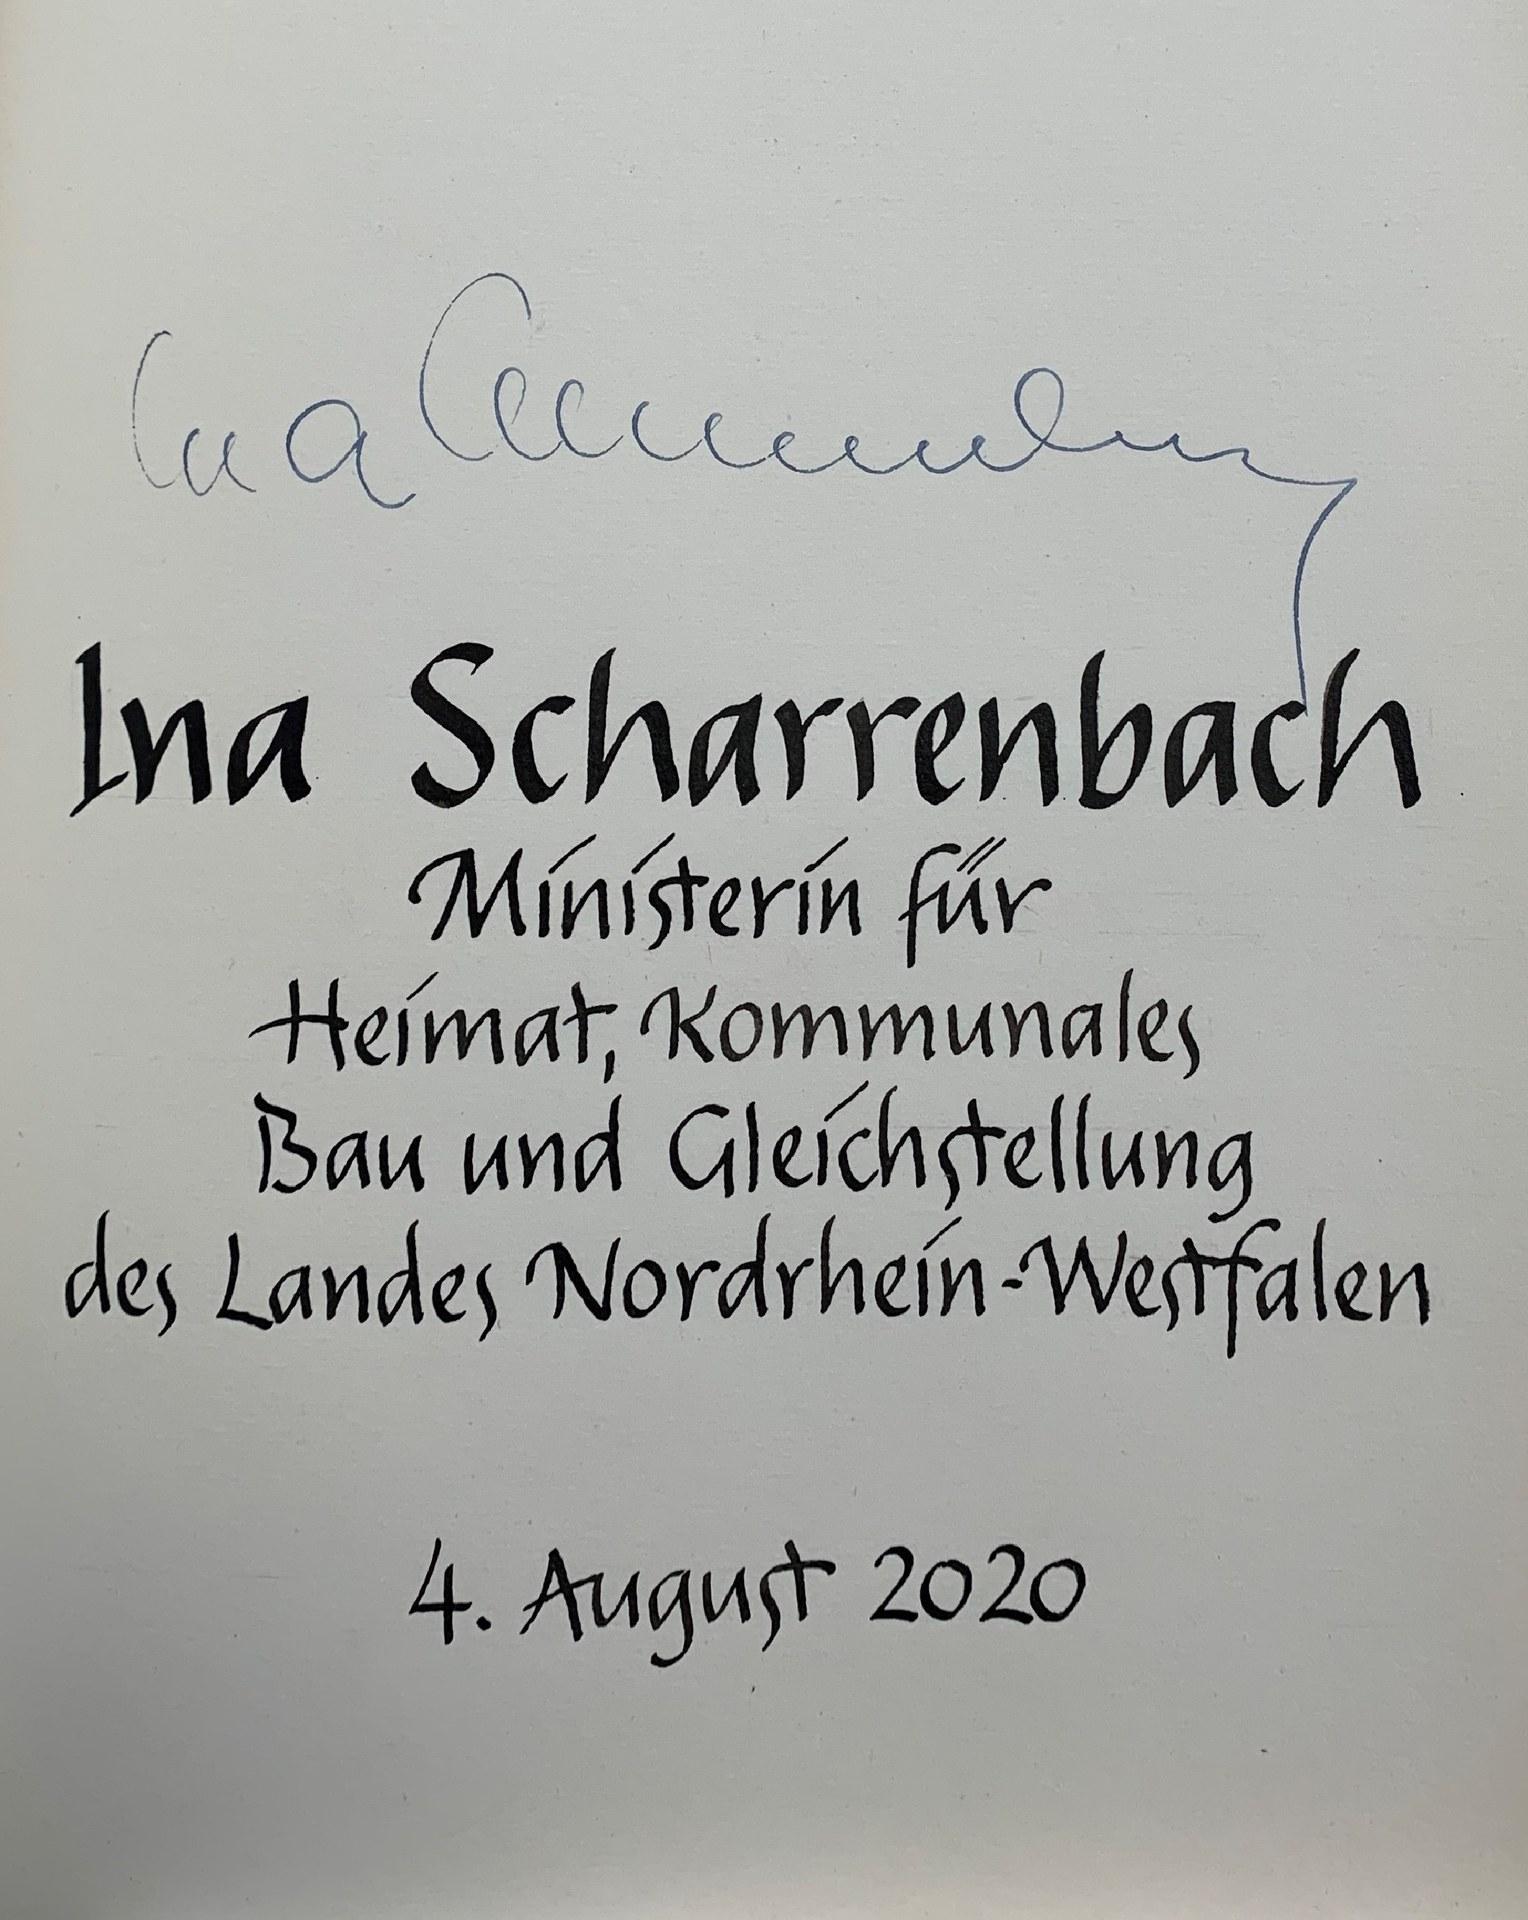 GB Scharrenbach.jpg